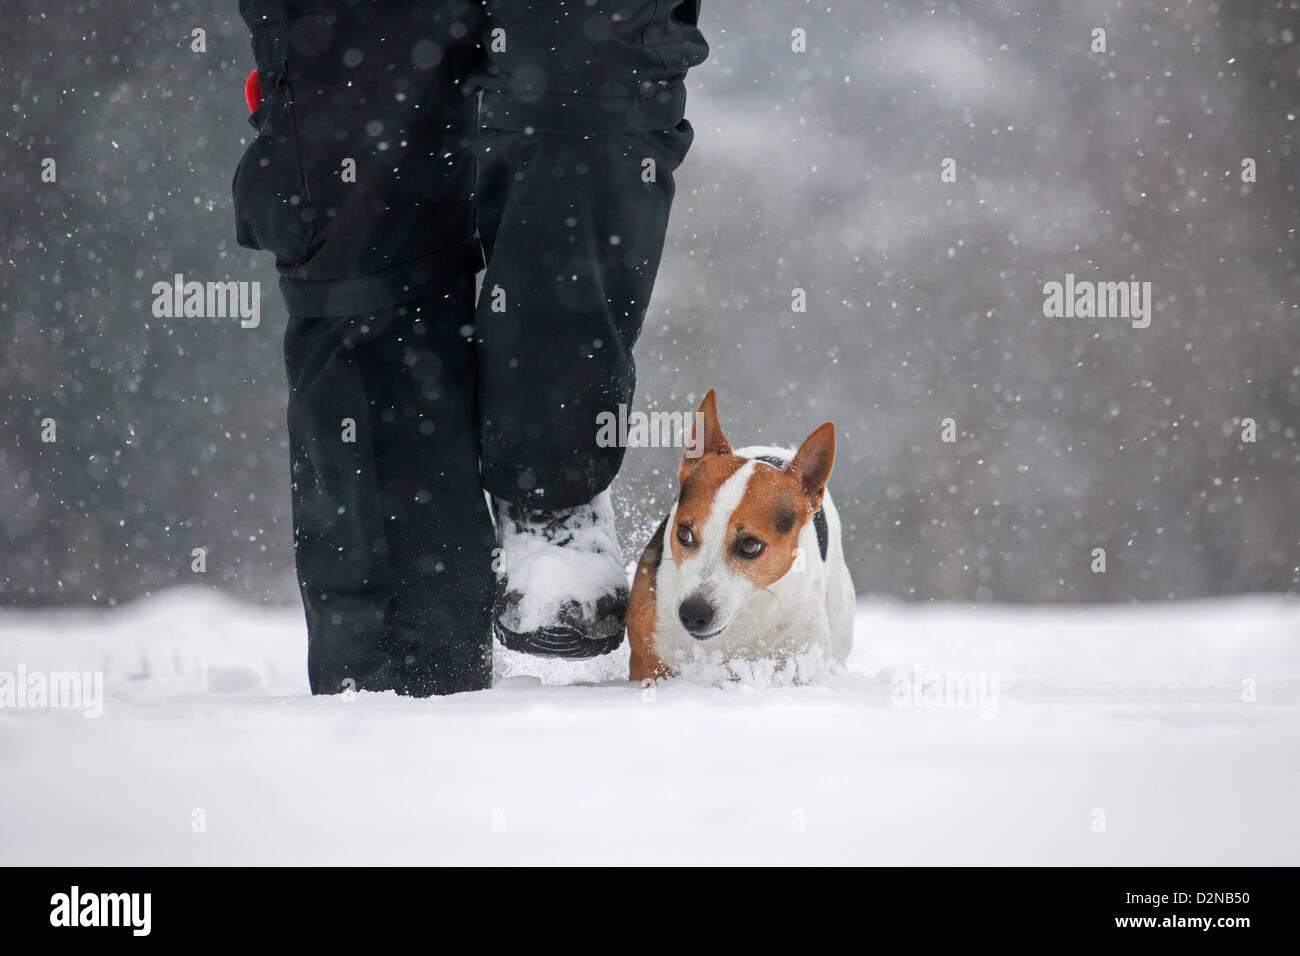 Jack Russell terrier pasear perros con dueño en la nieve durante las nevadas en invierno Imagen De Stock